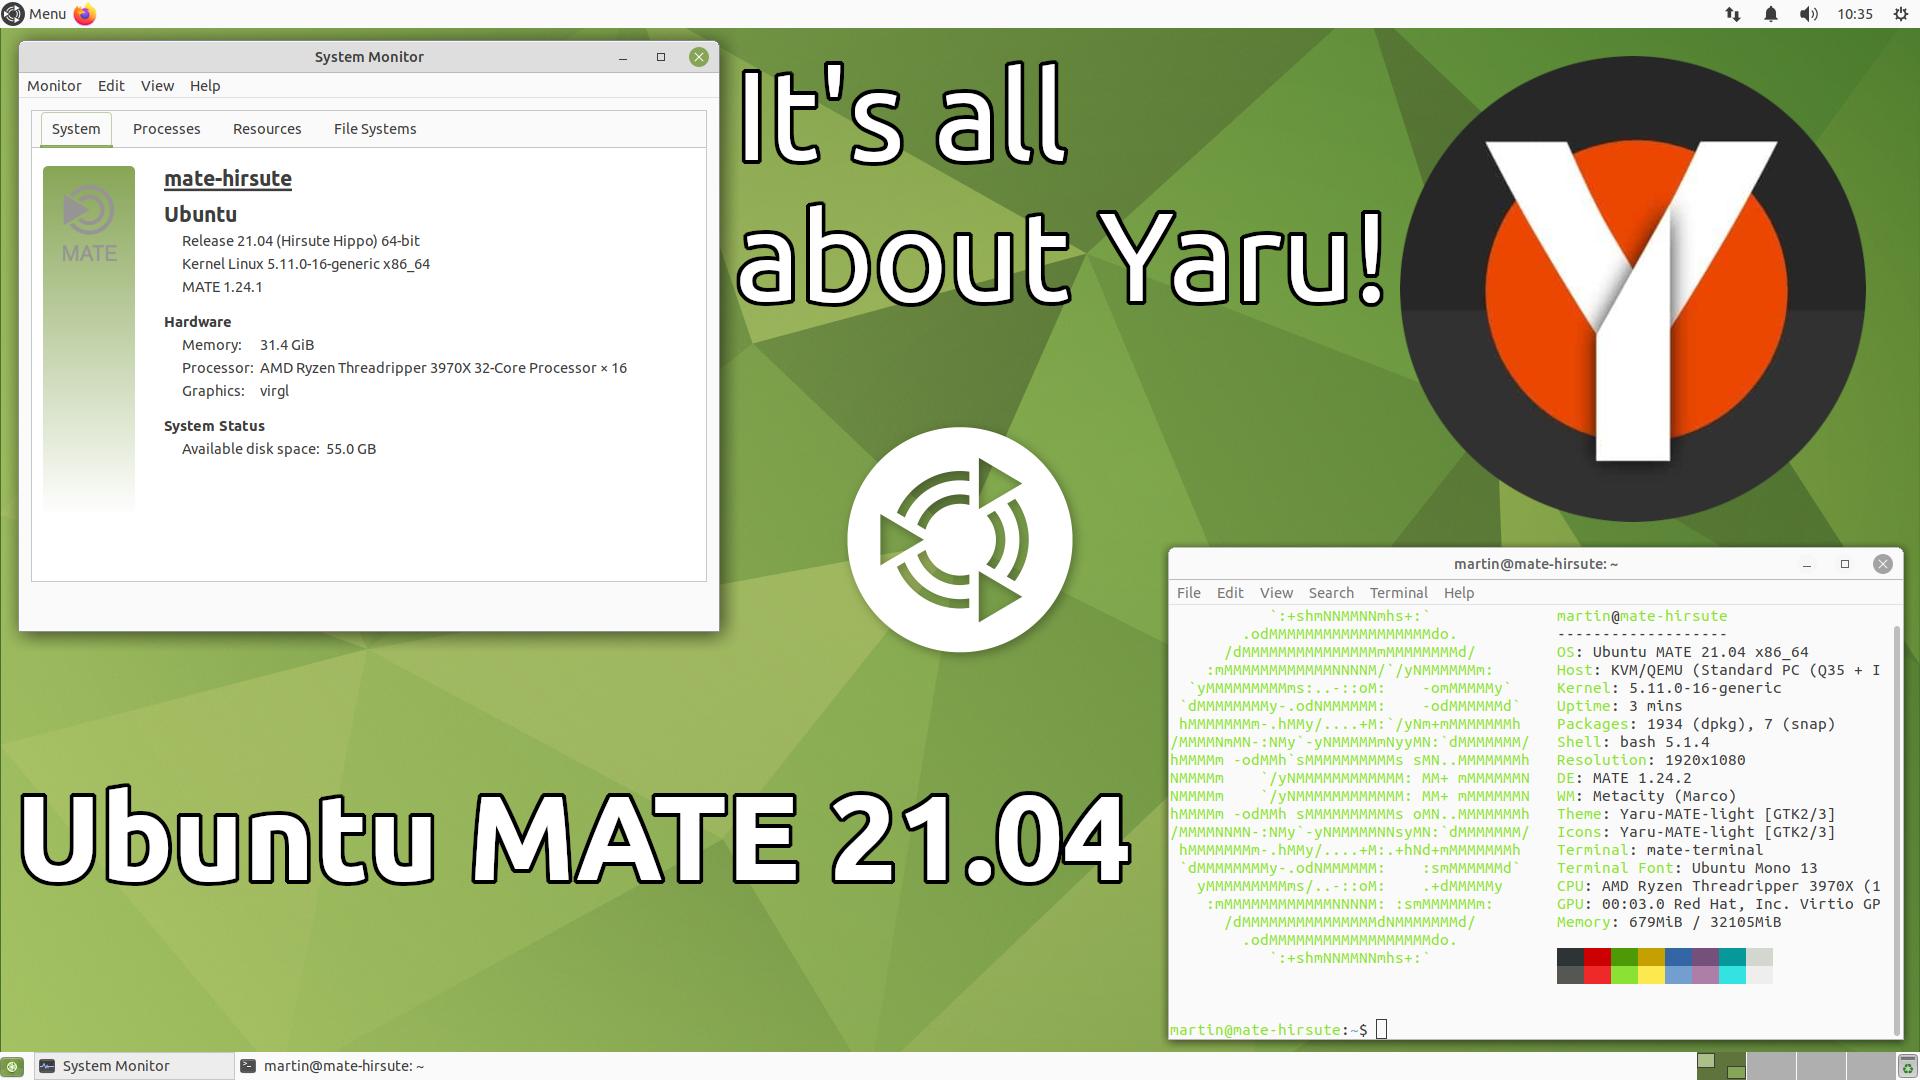 Ubuntu MATE 21.04